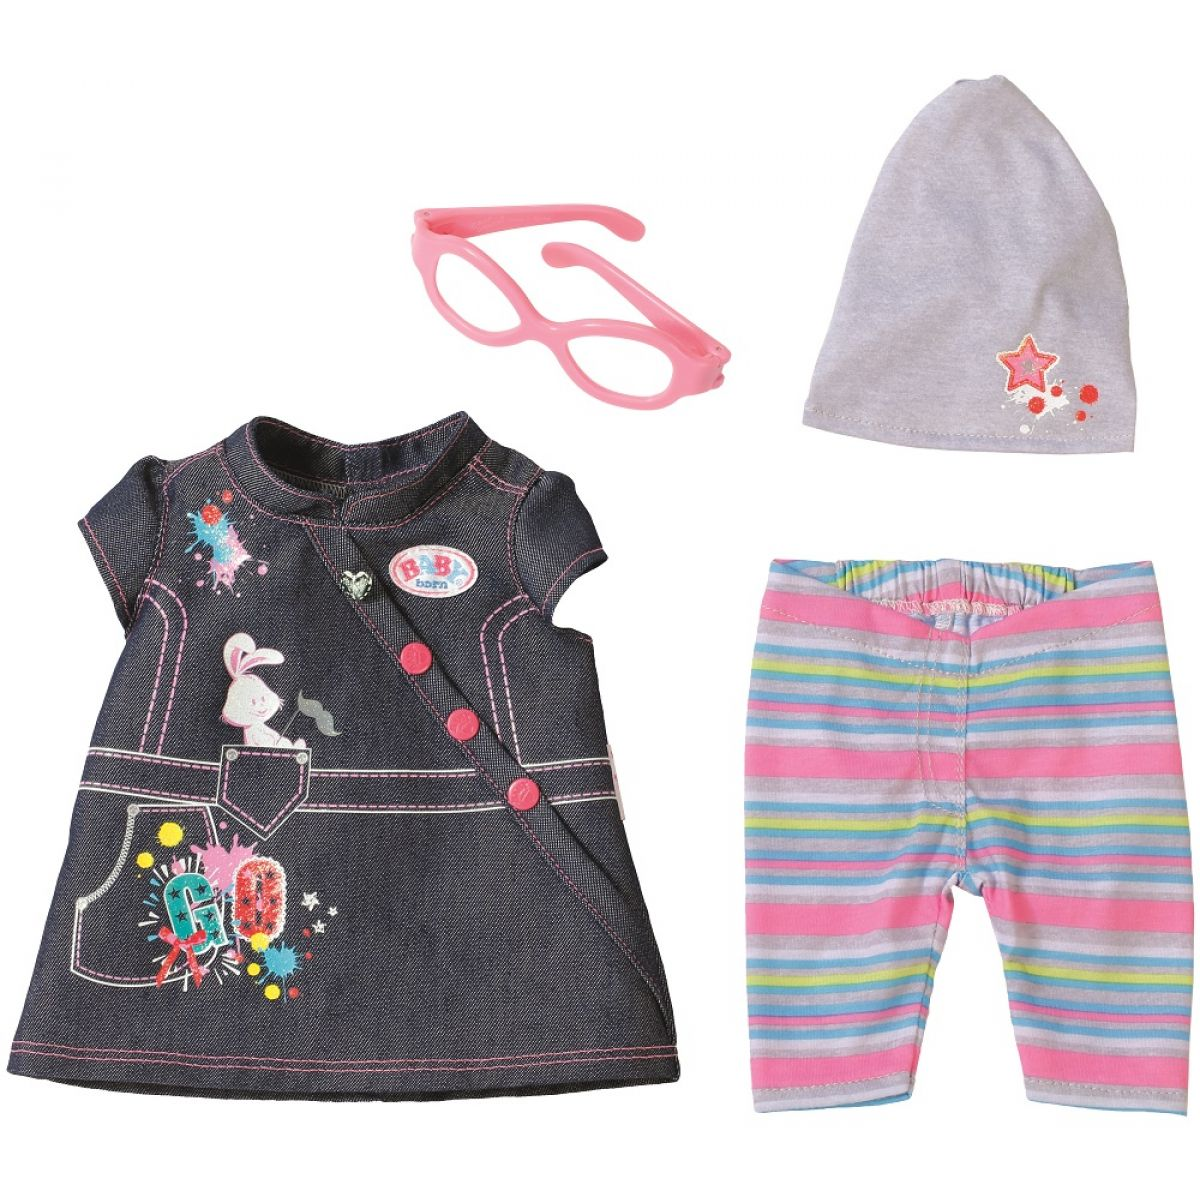 Zapf Creation Baby Born Džínová souprava - Džínové šaty